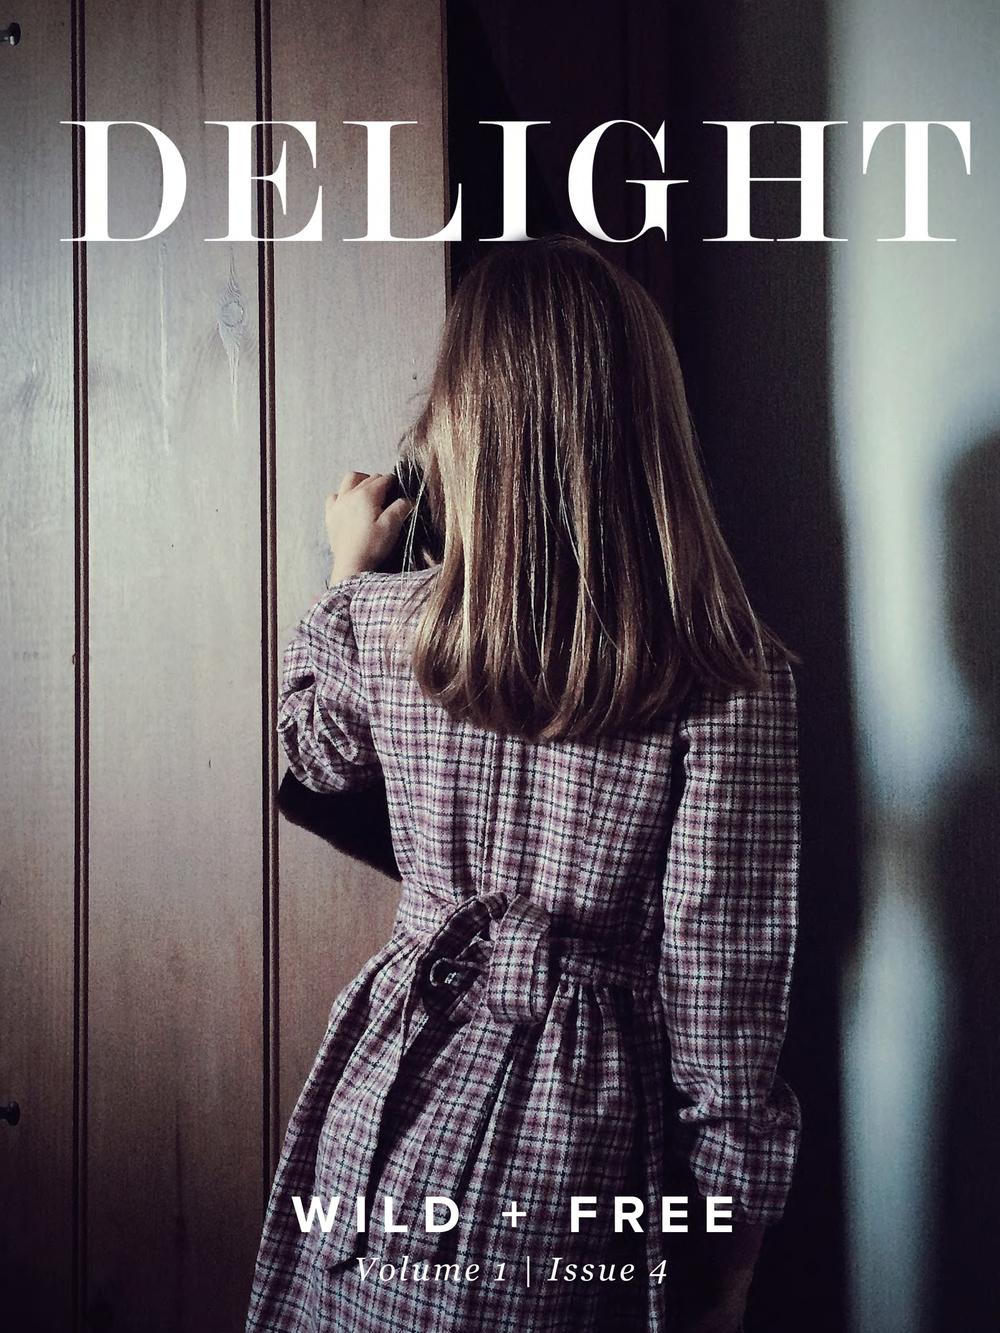 Delight_Cover.jpg